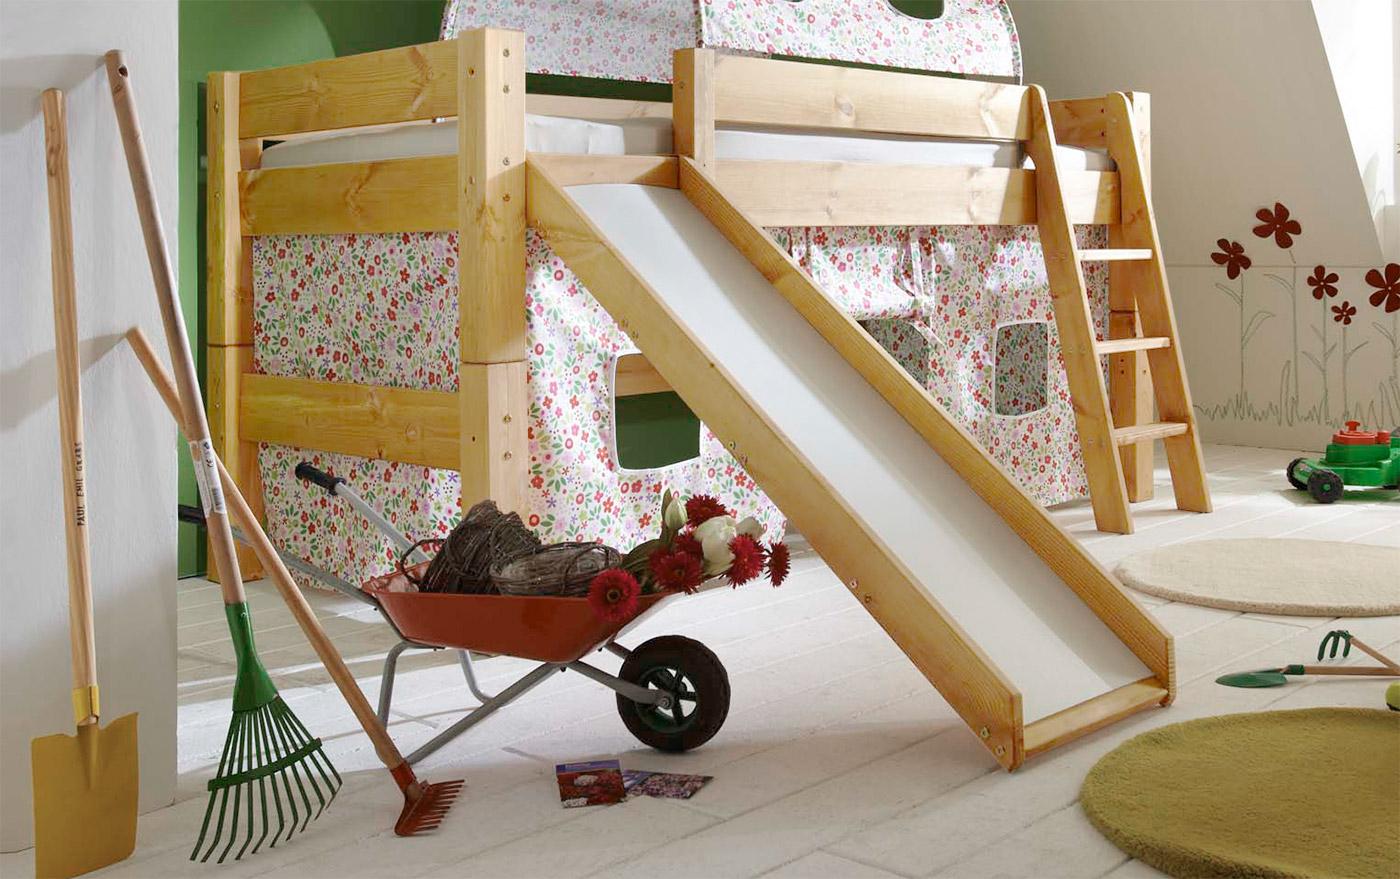 Himmel-Hochbett Kids Dreams mit montierter Leiter